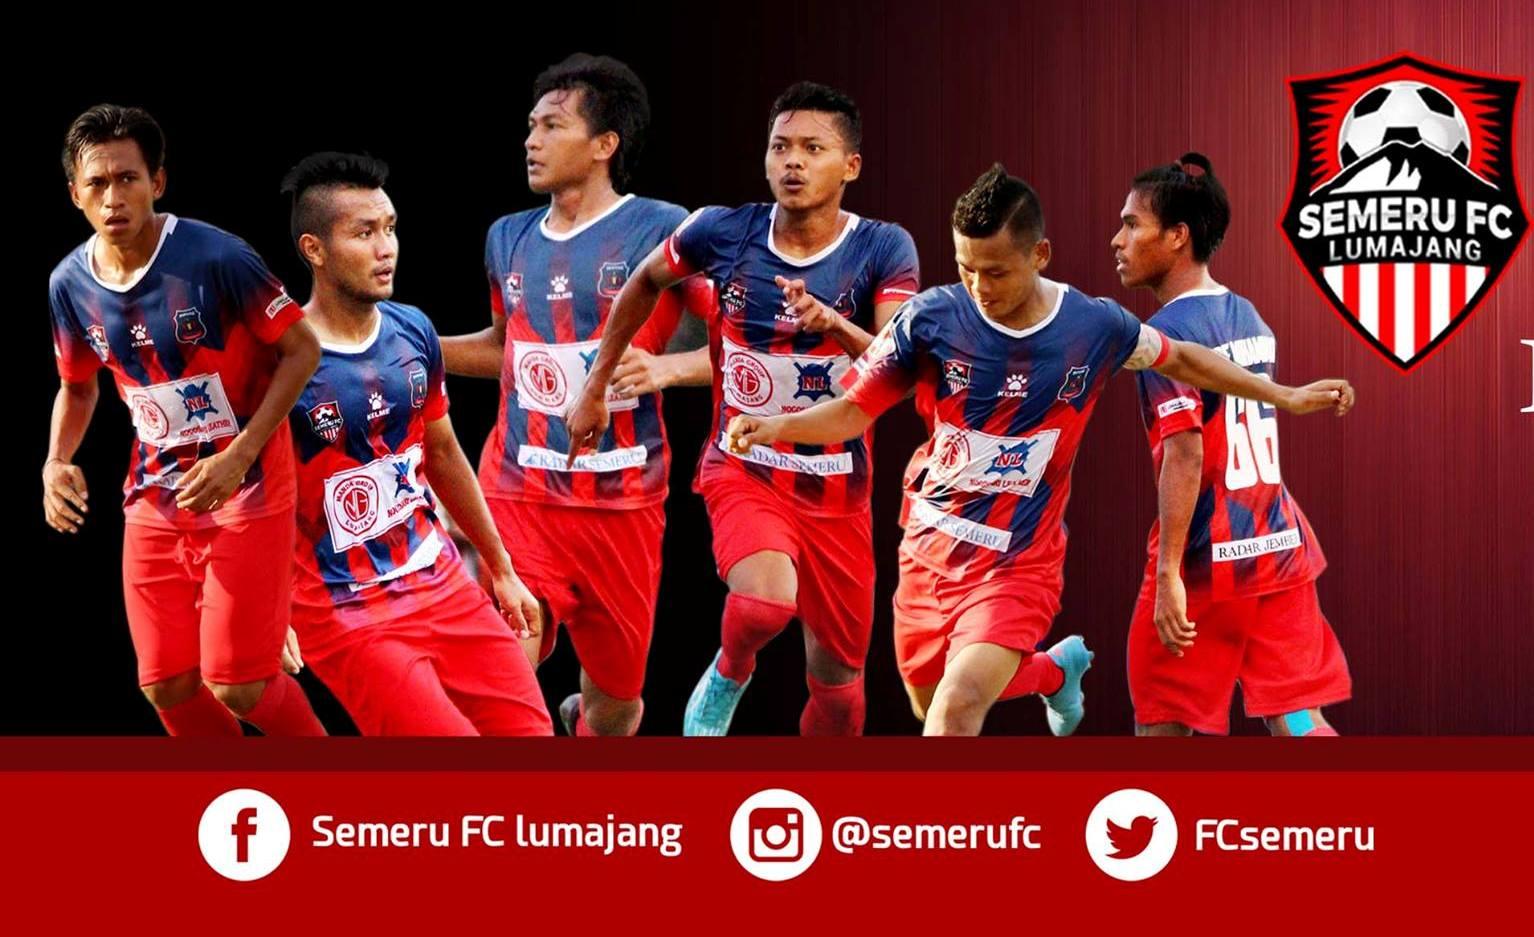 Menang Besok, Semeru FC Dipastikan Rebut Puncak Klasemen